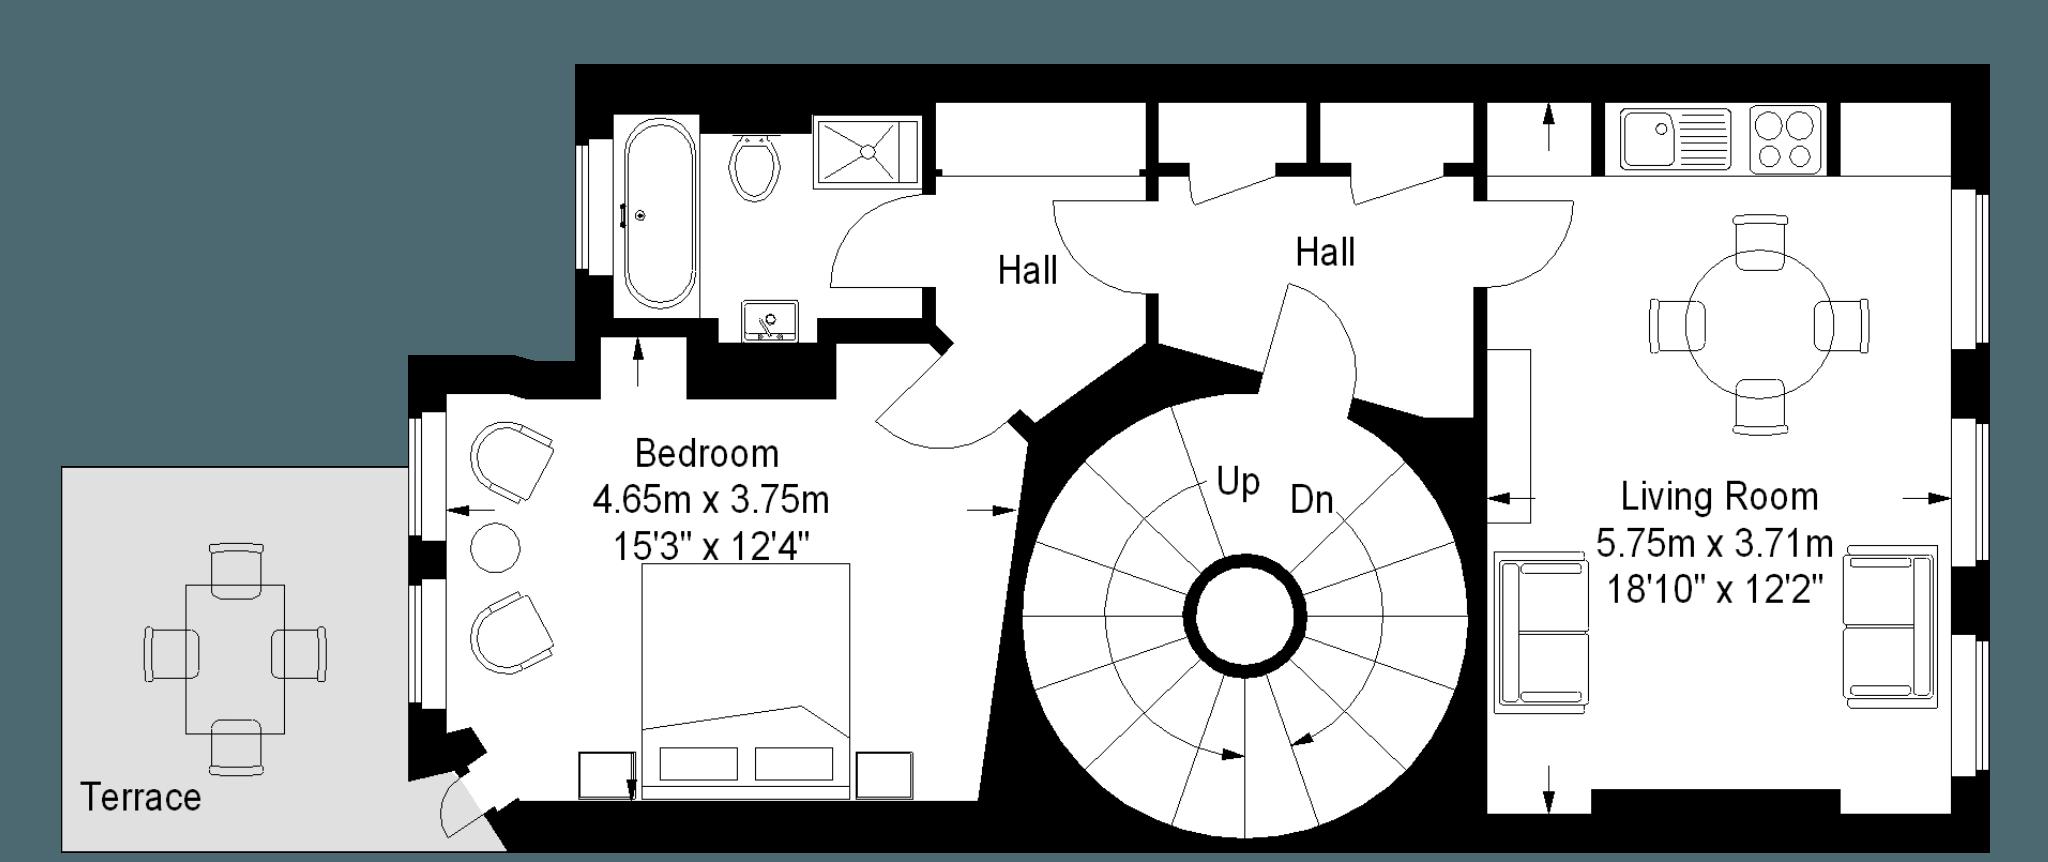 Marylebone Serviced Apartments floorplan 1